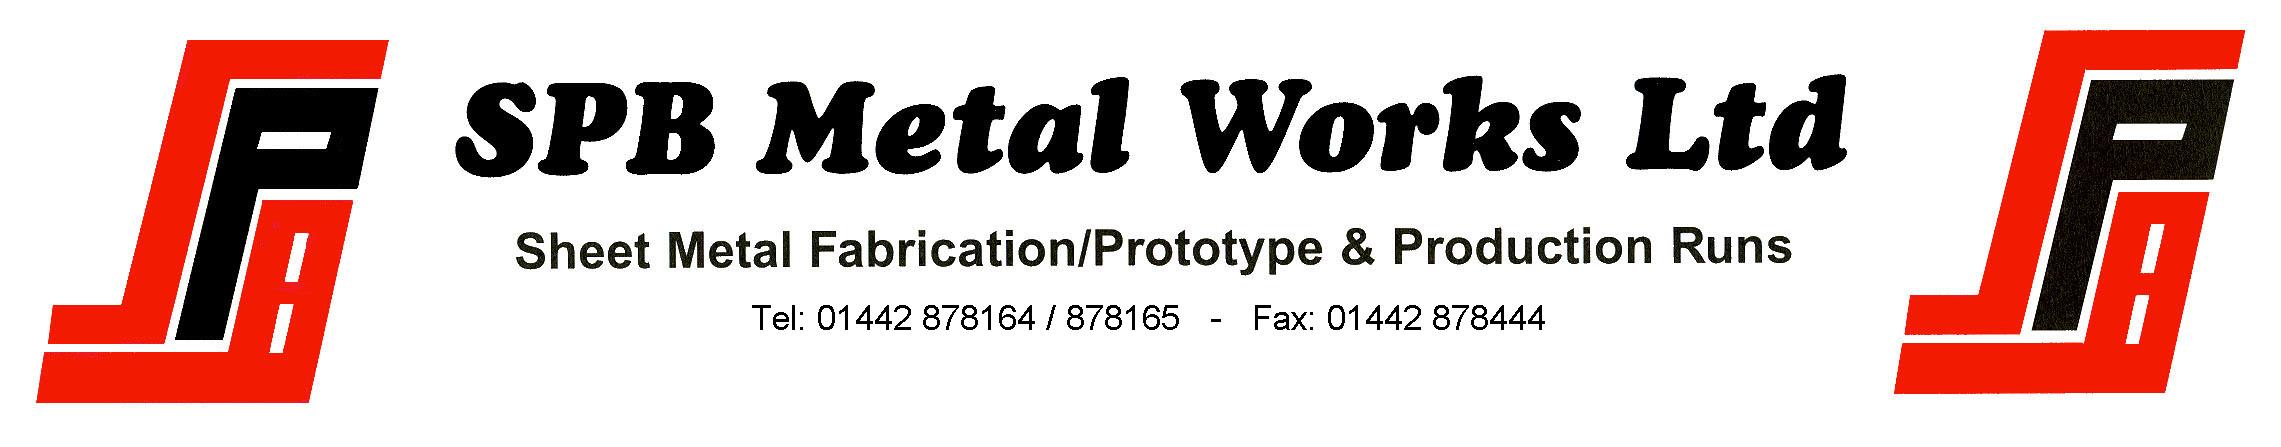 SPB Metal Works Ltd